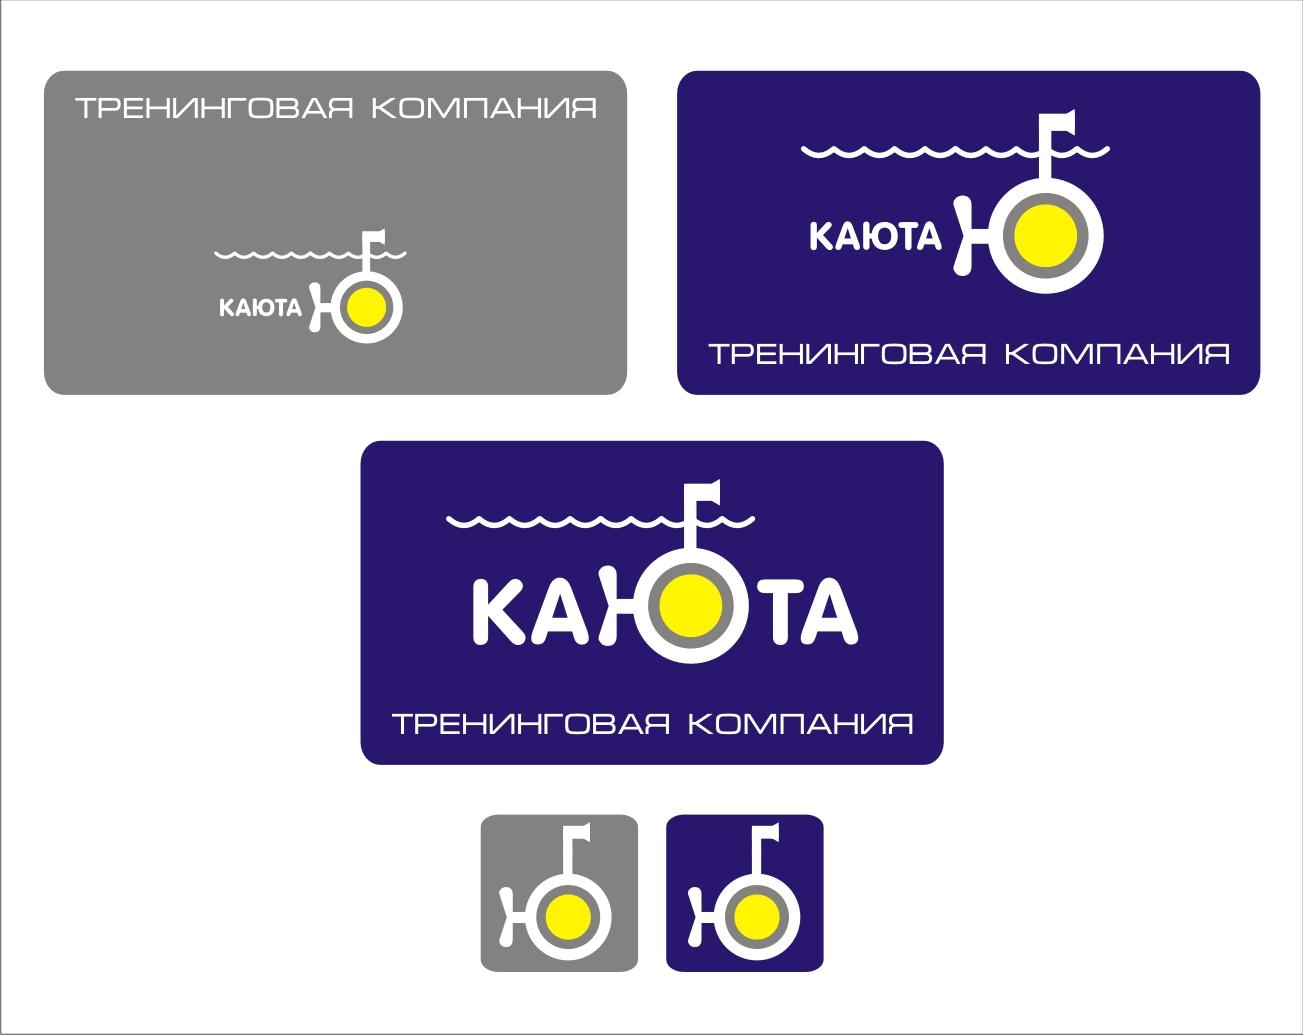 Разработать логотип для тренинговой компании фото f_24152a860d5033f4.jpg